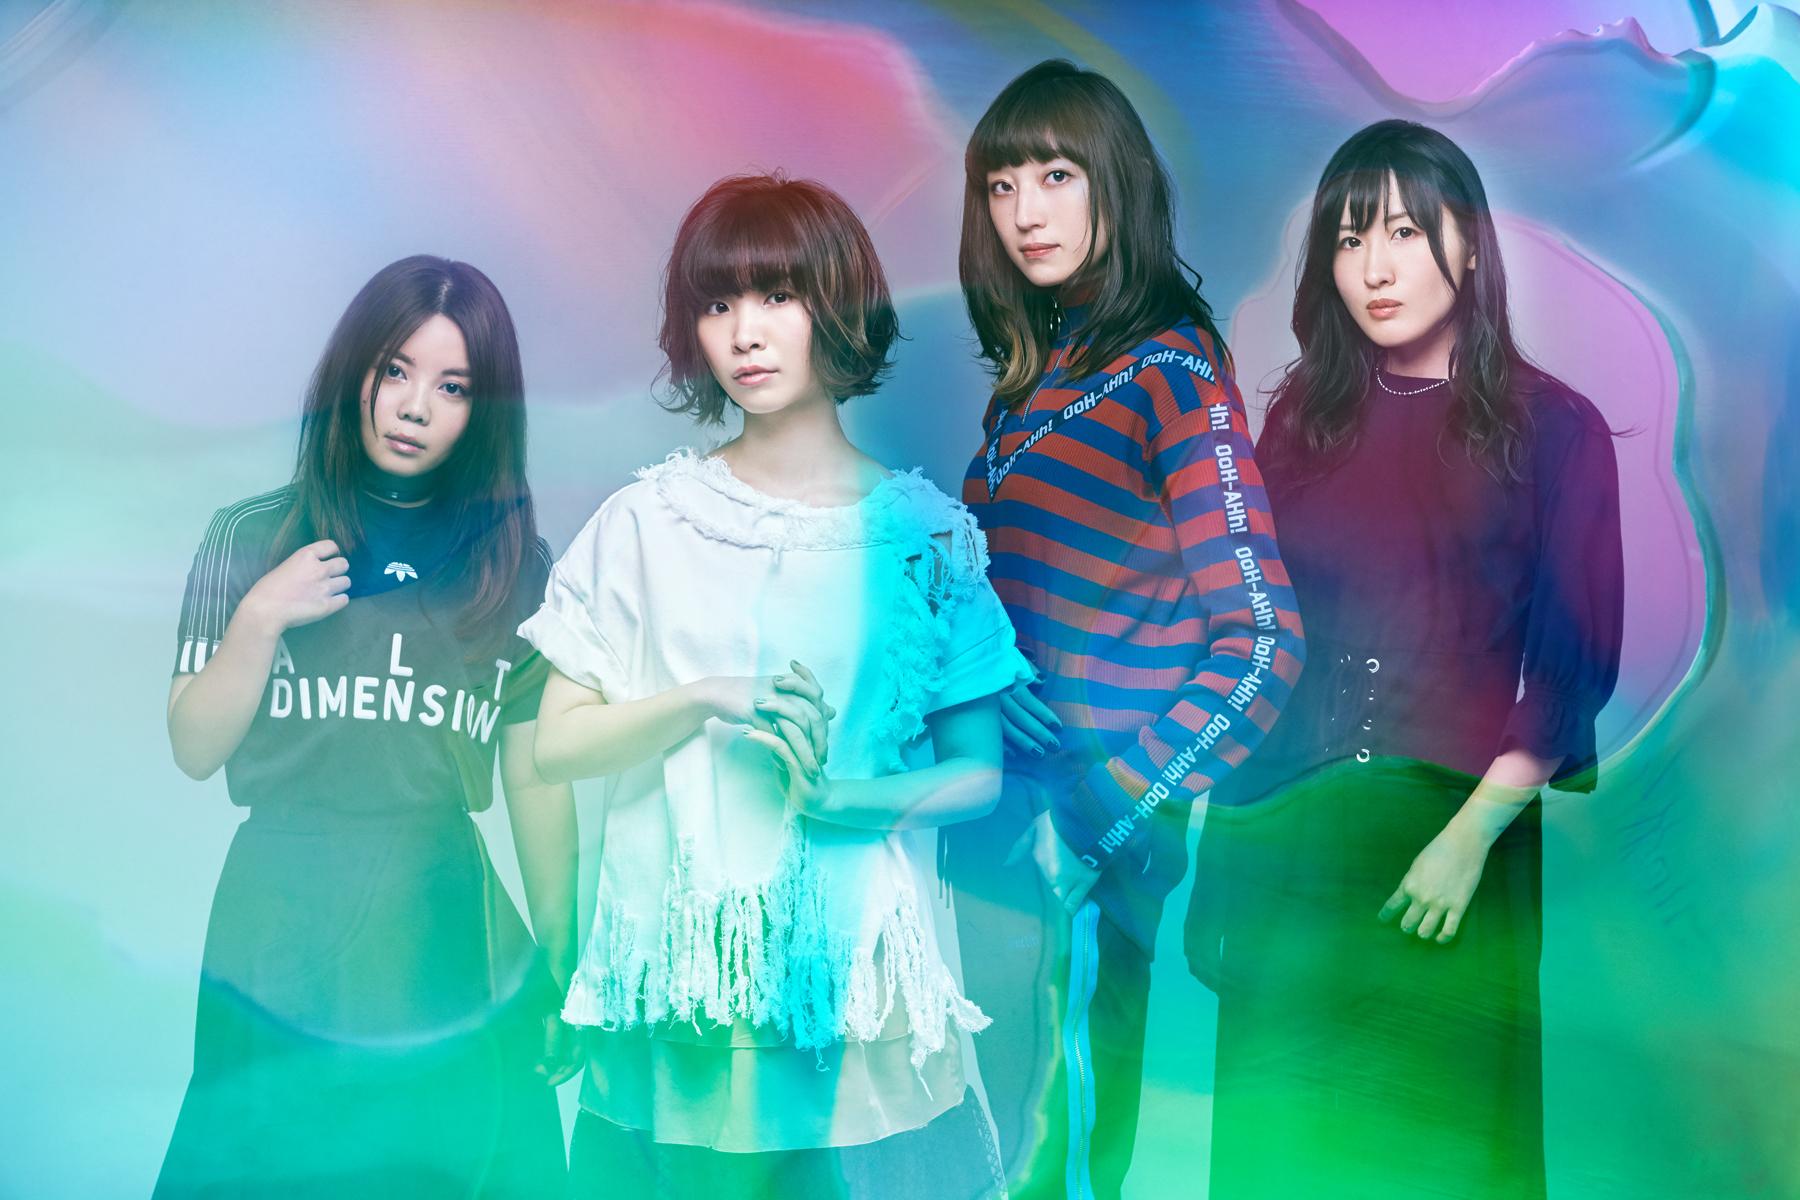 ねごと | Sony Music Artists